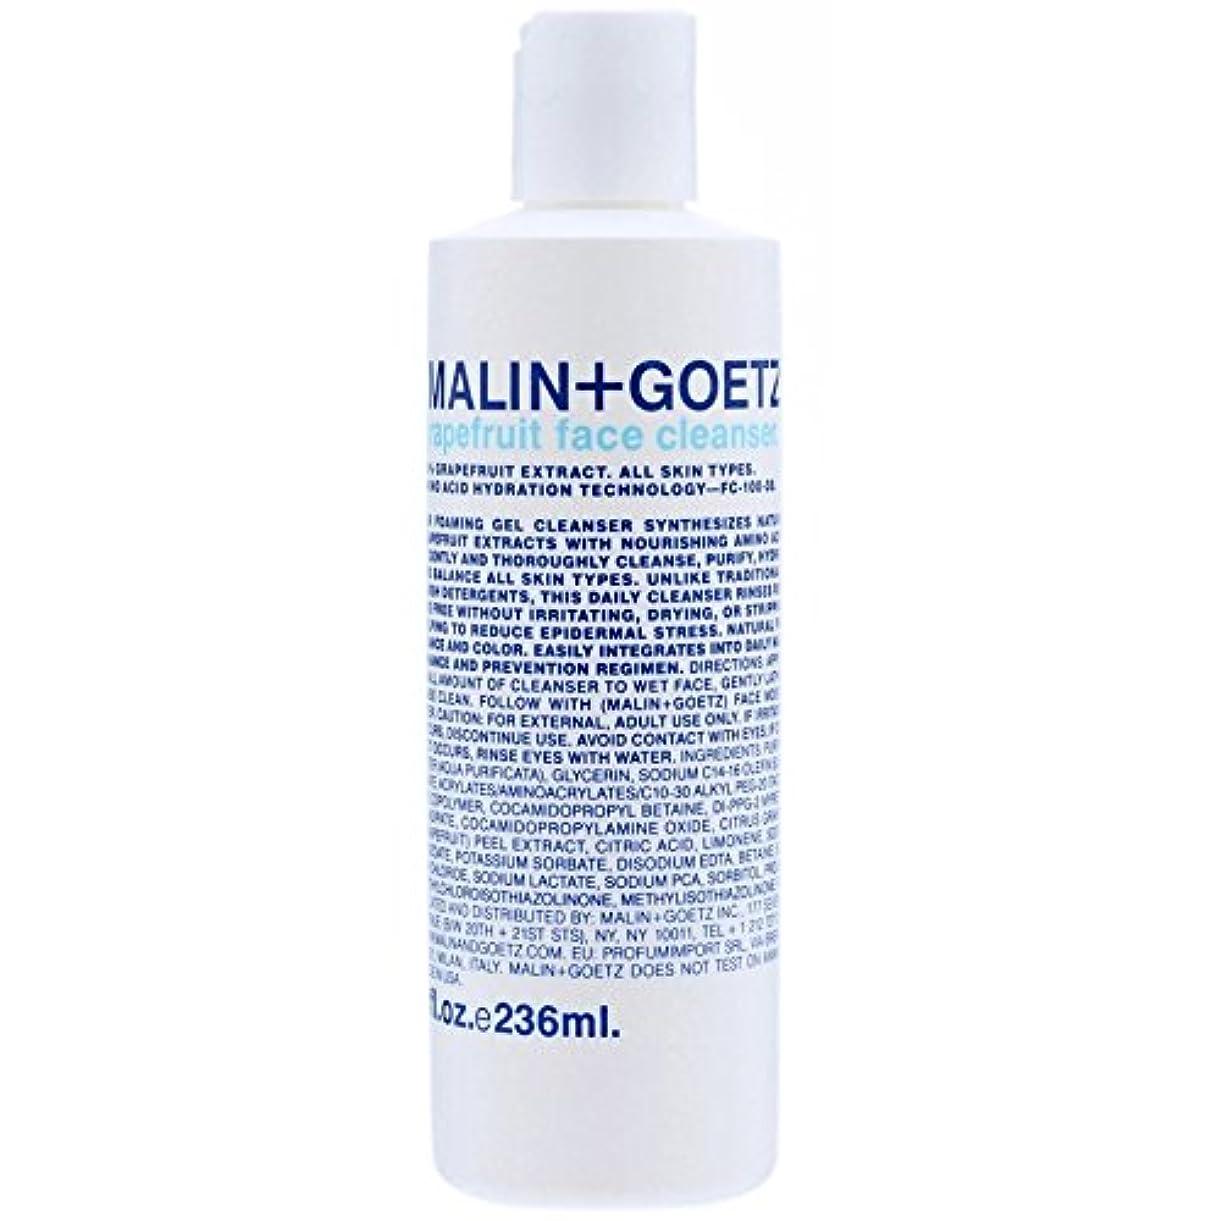 クラス禁止する出費マリン+ゲッツグレープフルーツフェイスクレンザー x4 - MALIN+GOETZ Grapefruit Face Cleanser (Pack of 4) [並行輸入品]